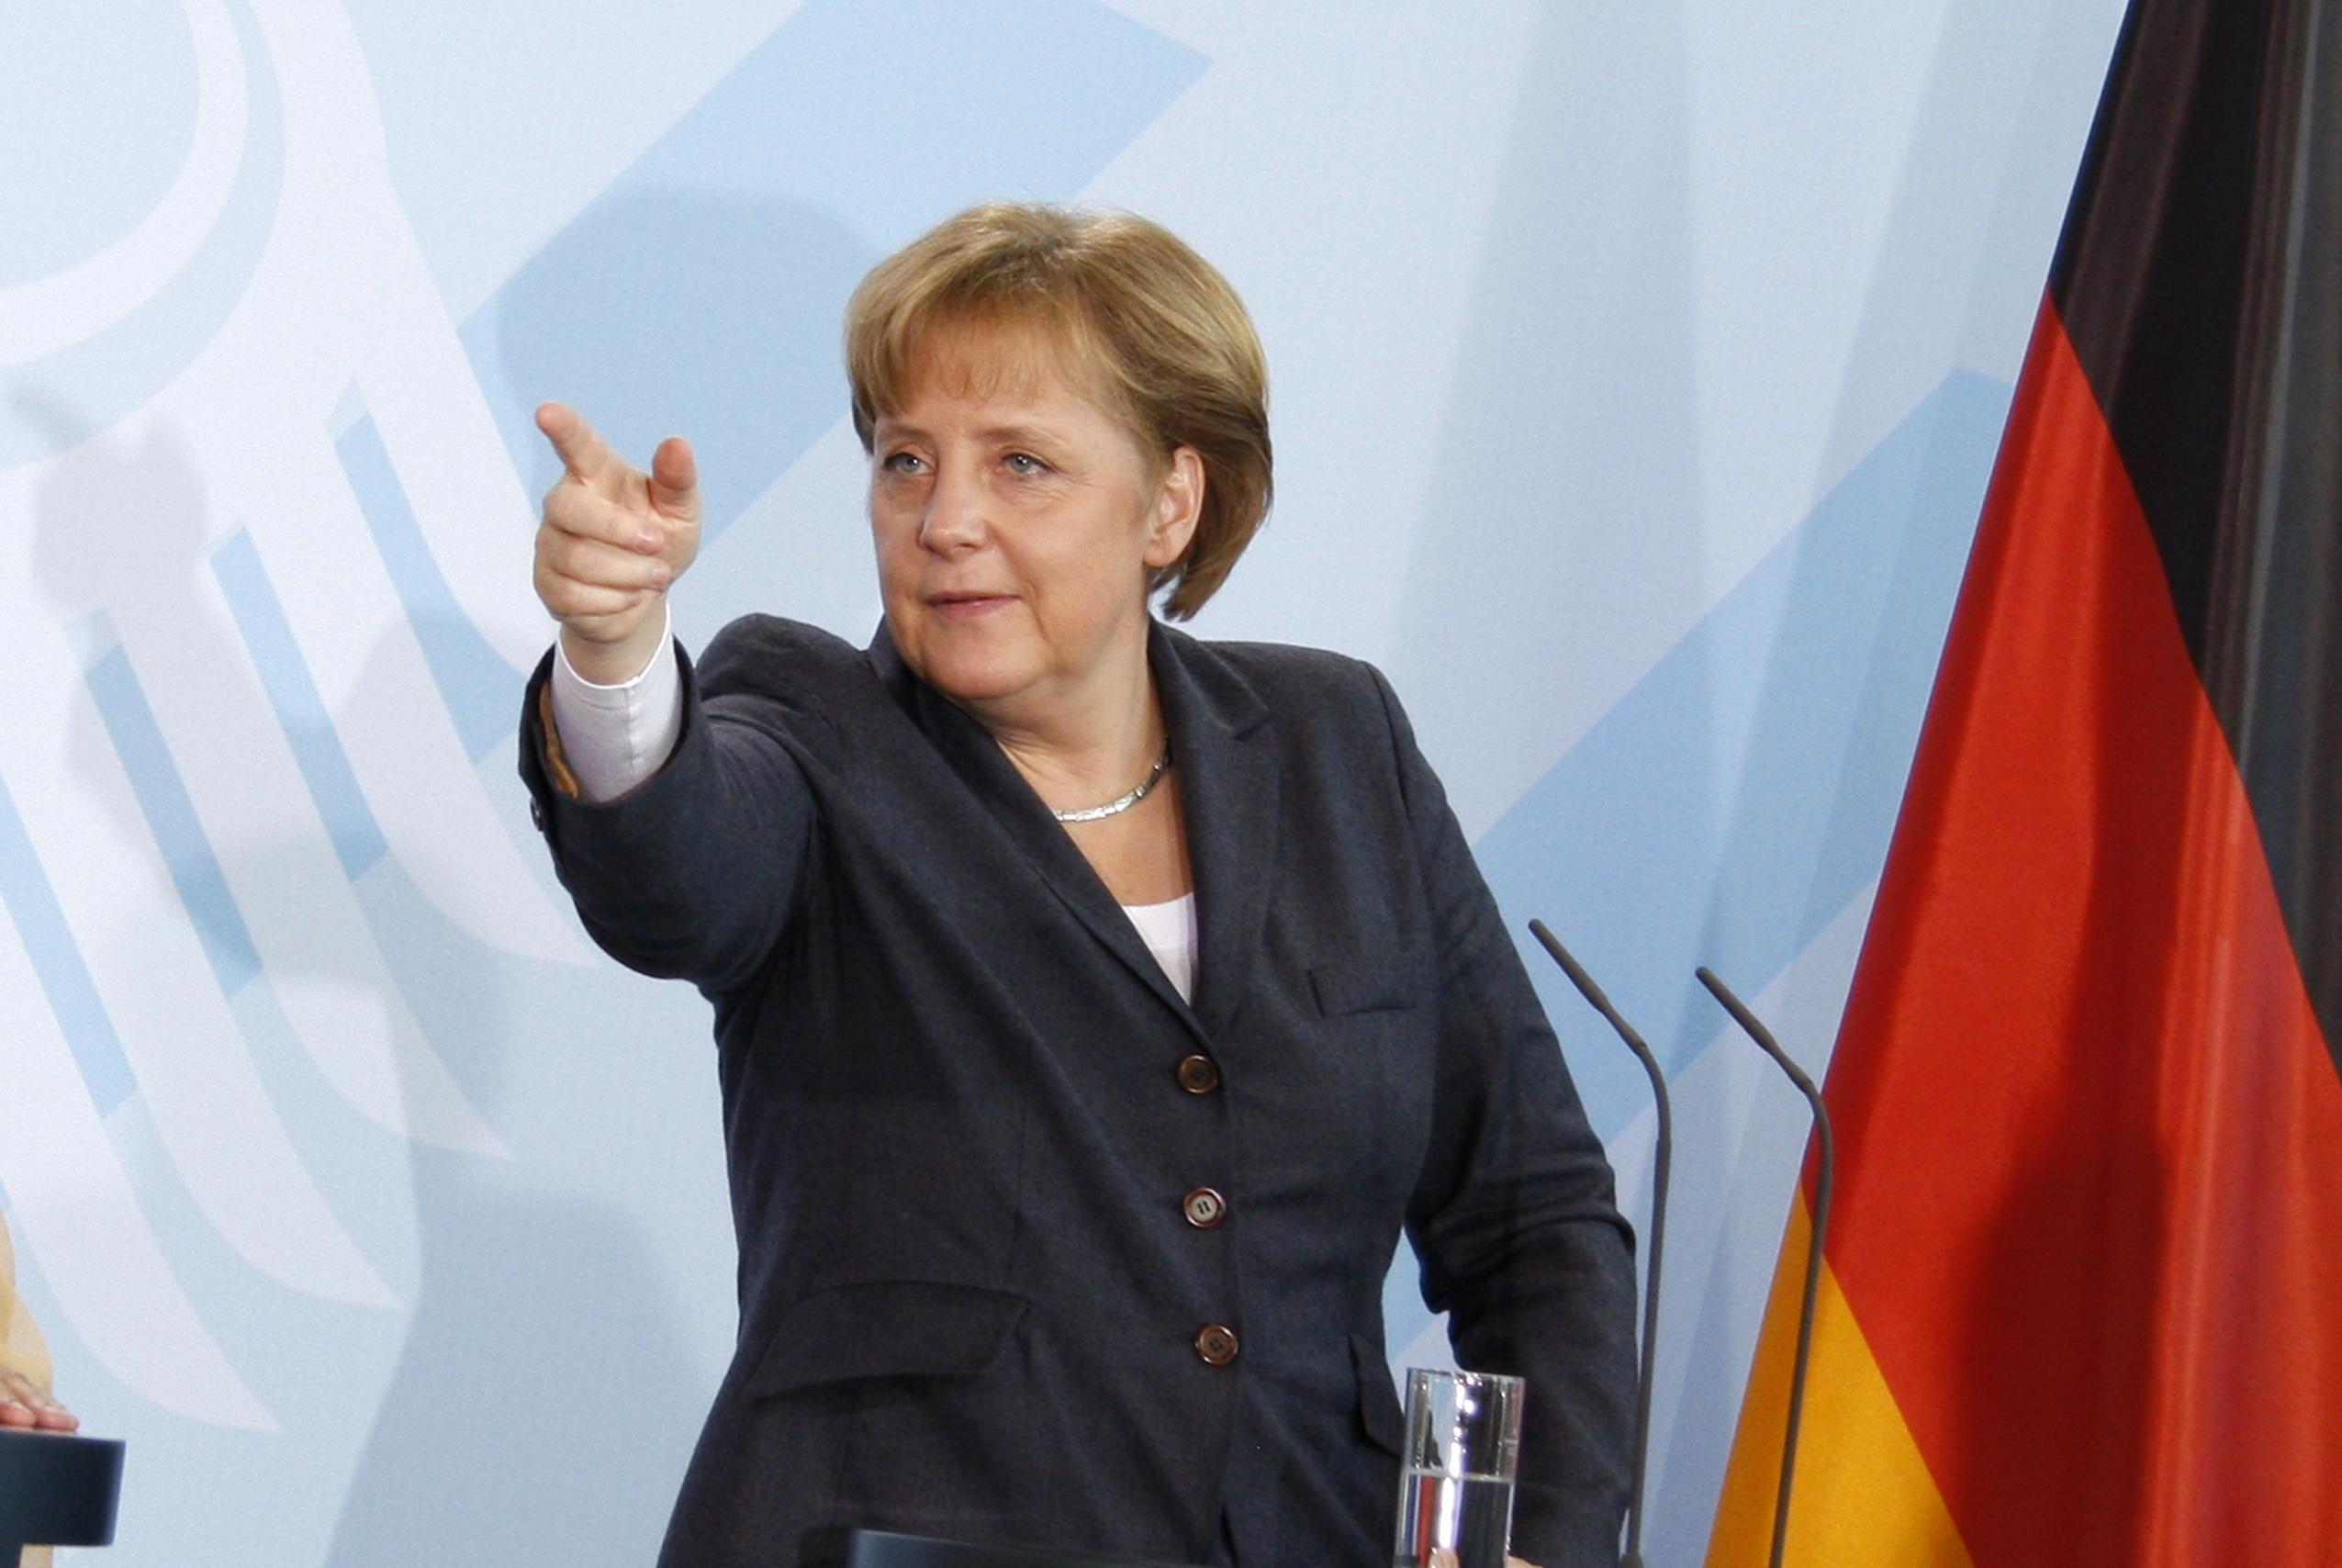 Tysklands forbundskansler Angela Merkel skal få avlyttingssikker telefon etter Snowden-avsløringene.Foto: 360b / Shutterstock.com